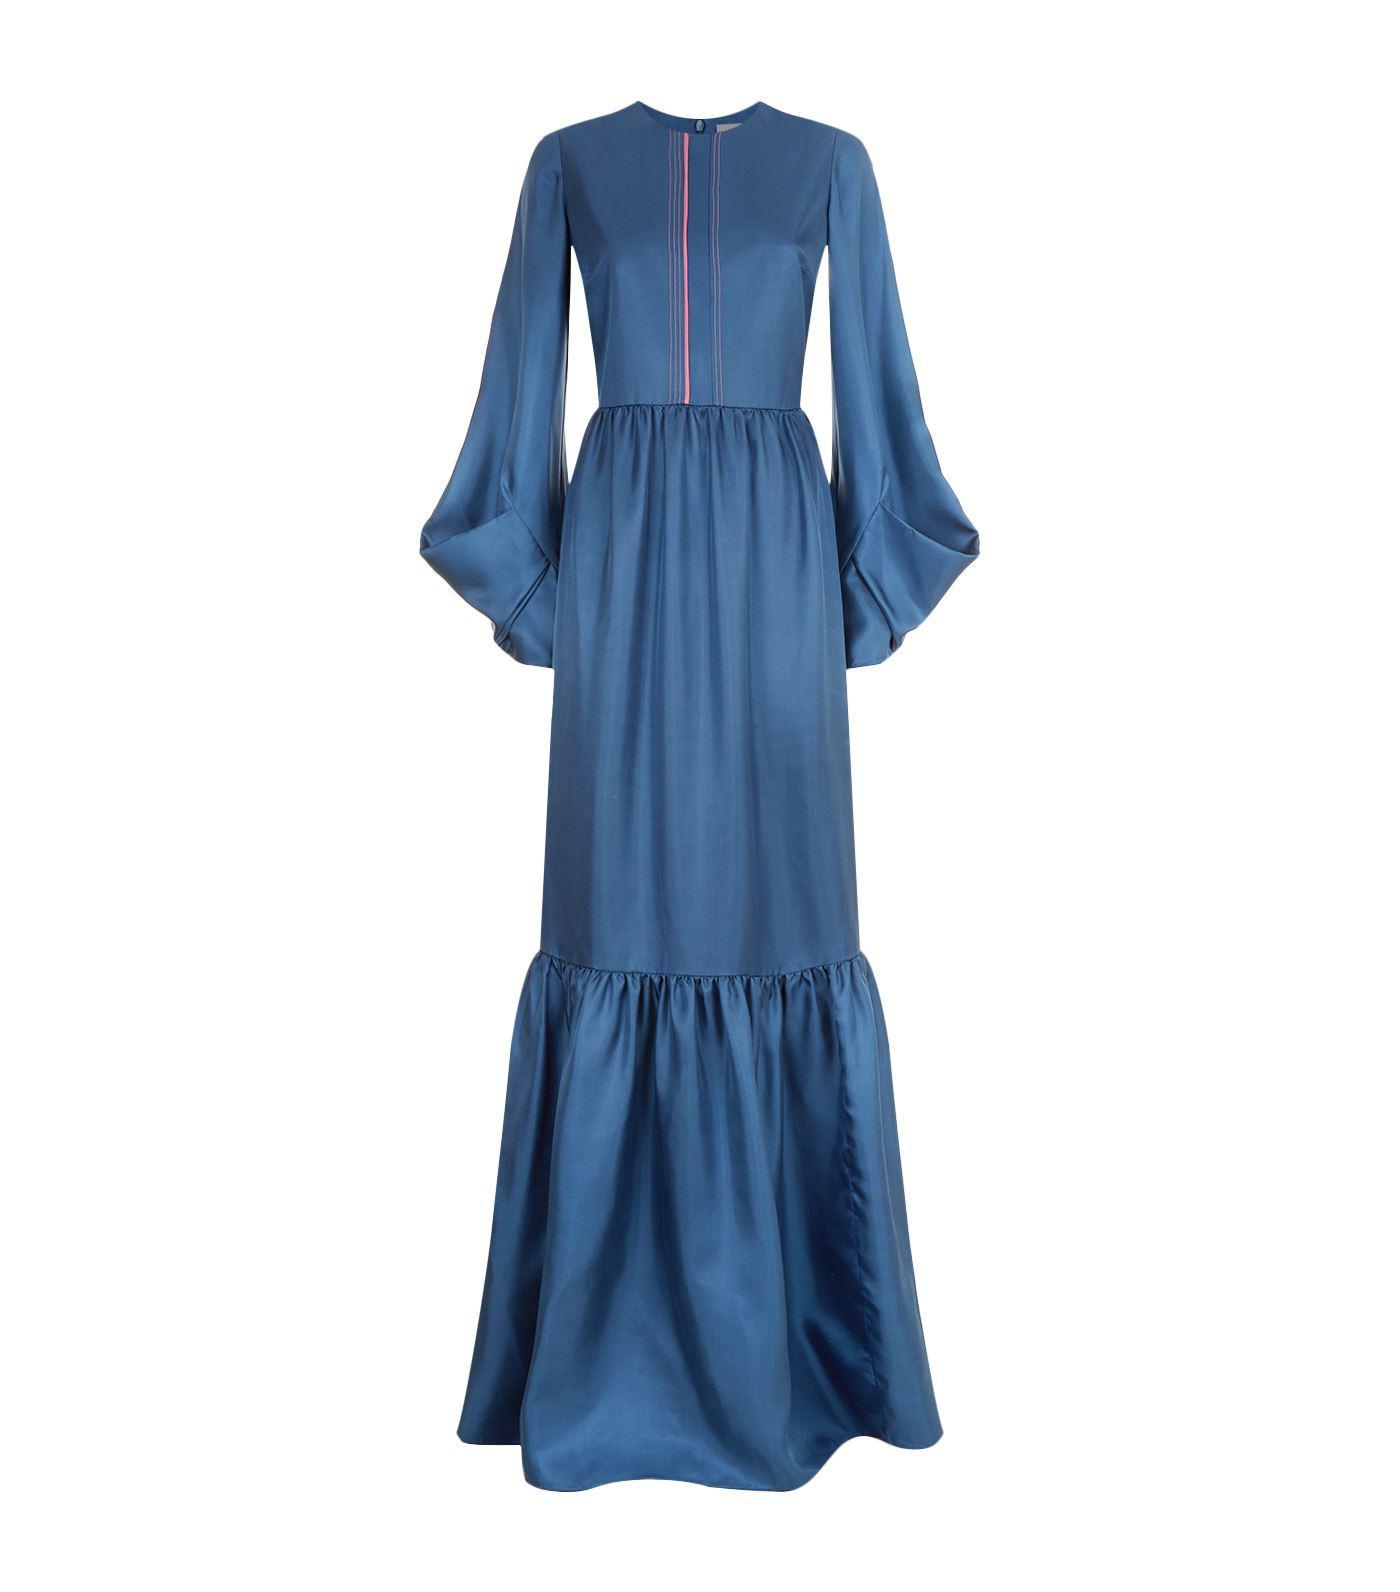 Fashion Style Sale Popular ruchéd sleeve evening dress - Blue Roksanda Ilincic Largest Supplier Sale Online Shop Offer Sale Online qjqrr7zz